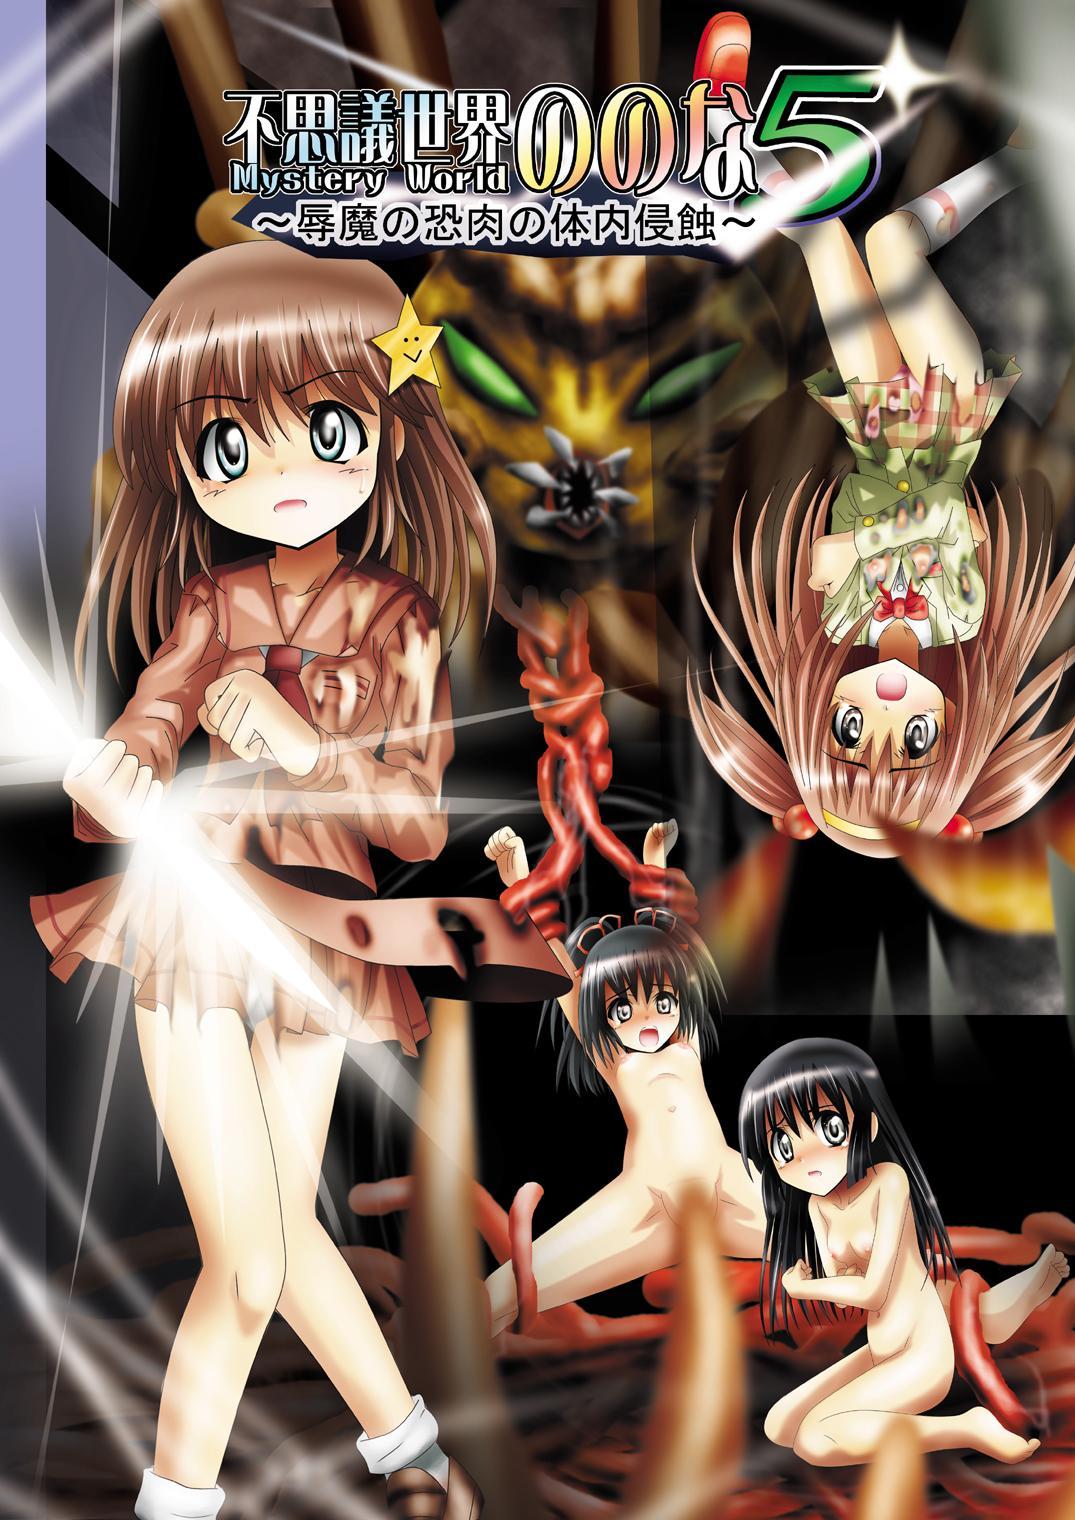 [Dende] Fushigi Sekai -Mystery World- Nonoha 5 ~Jokuma no Kyouniku no Tainai Shinshoku~ 0